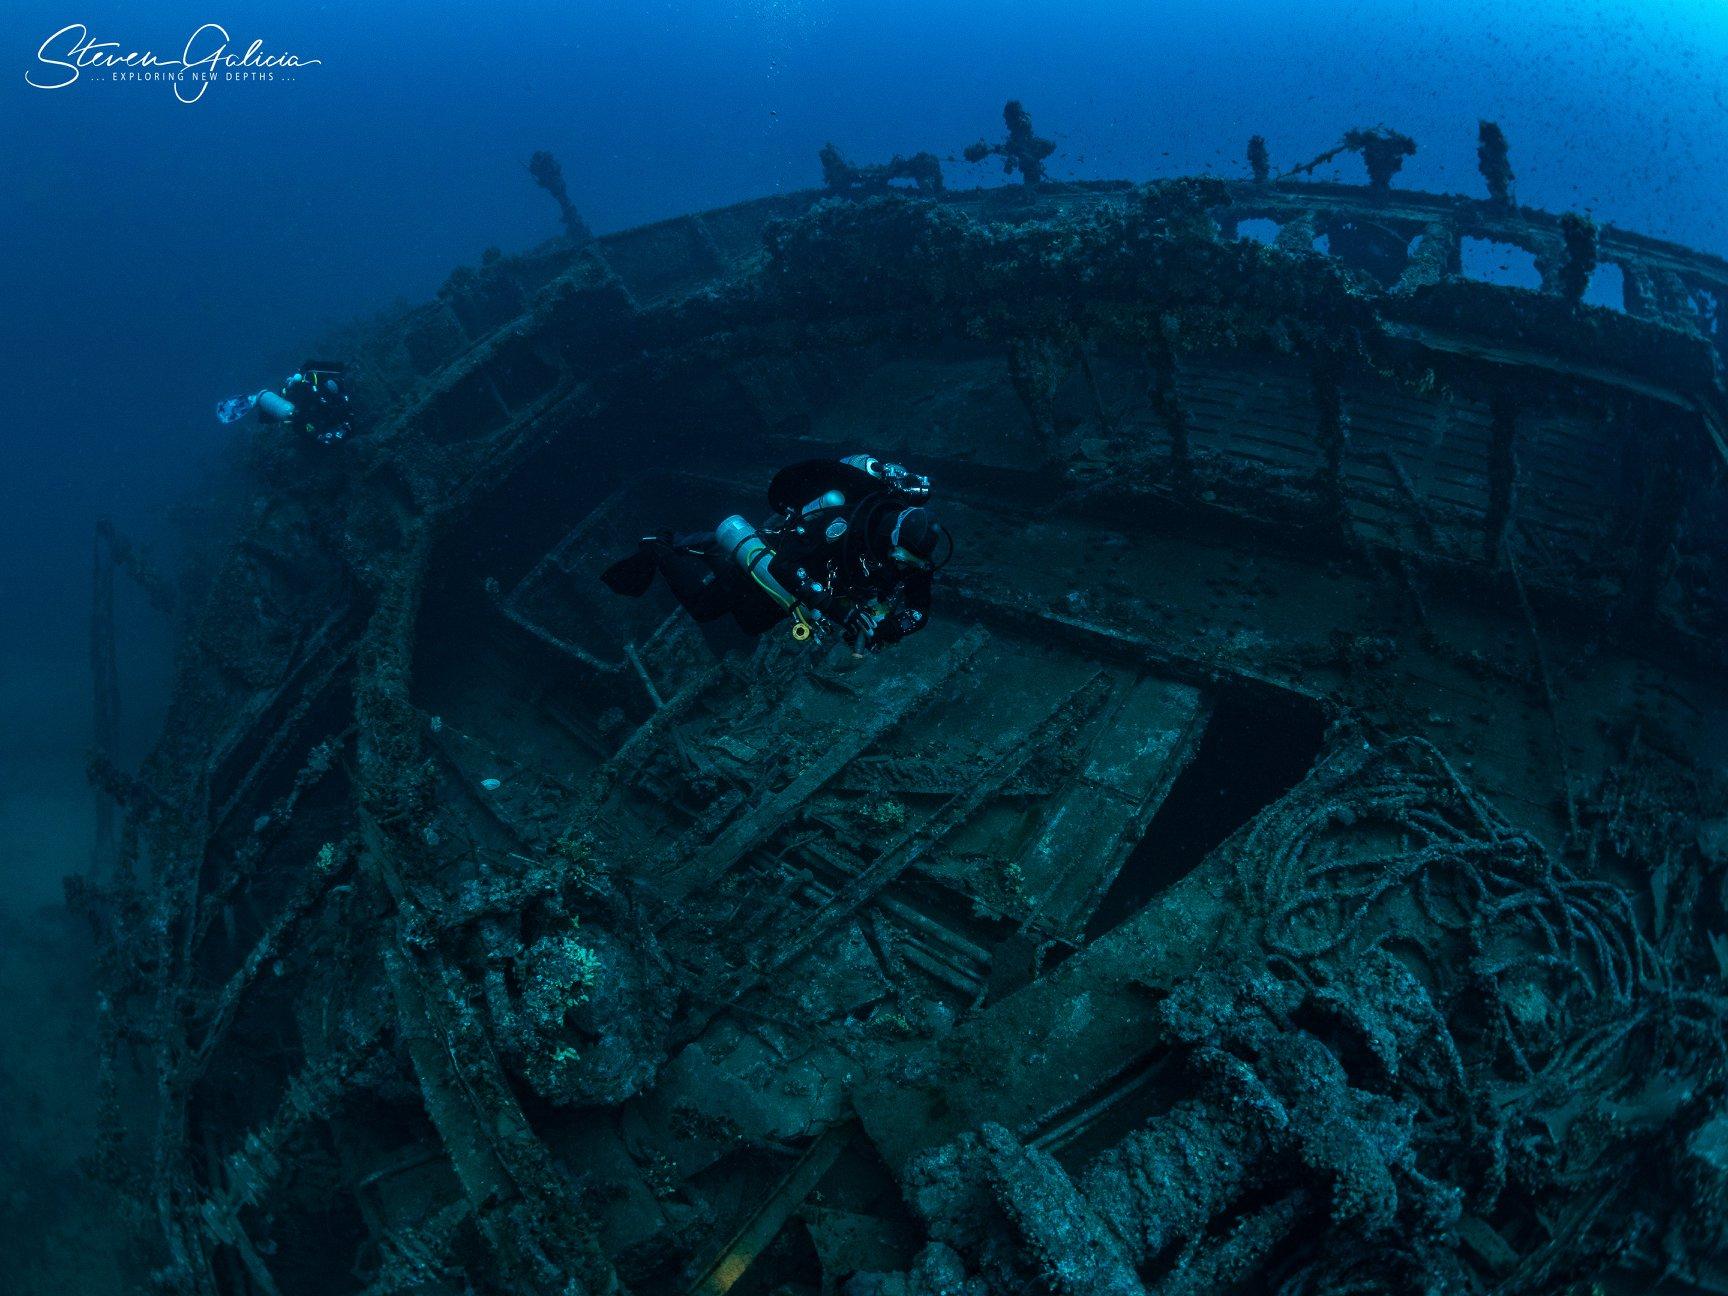 SS Polynesian [Steven Galicia]